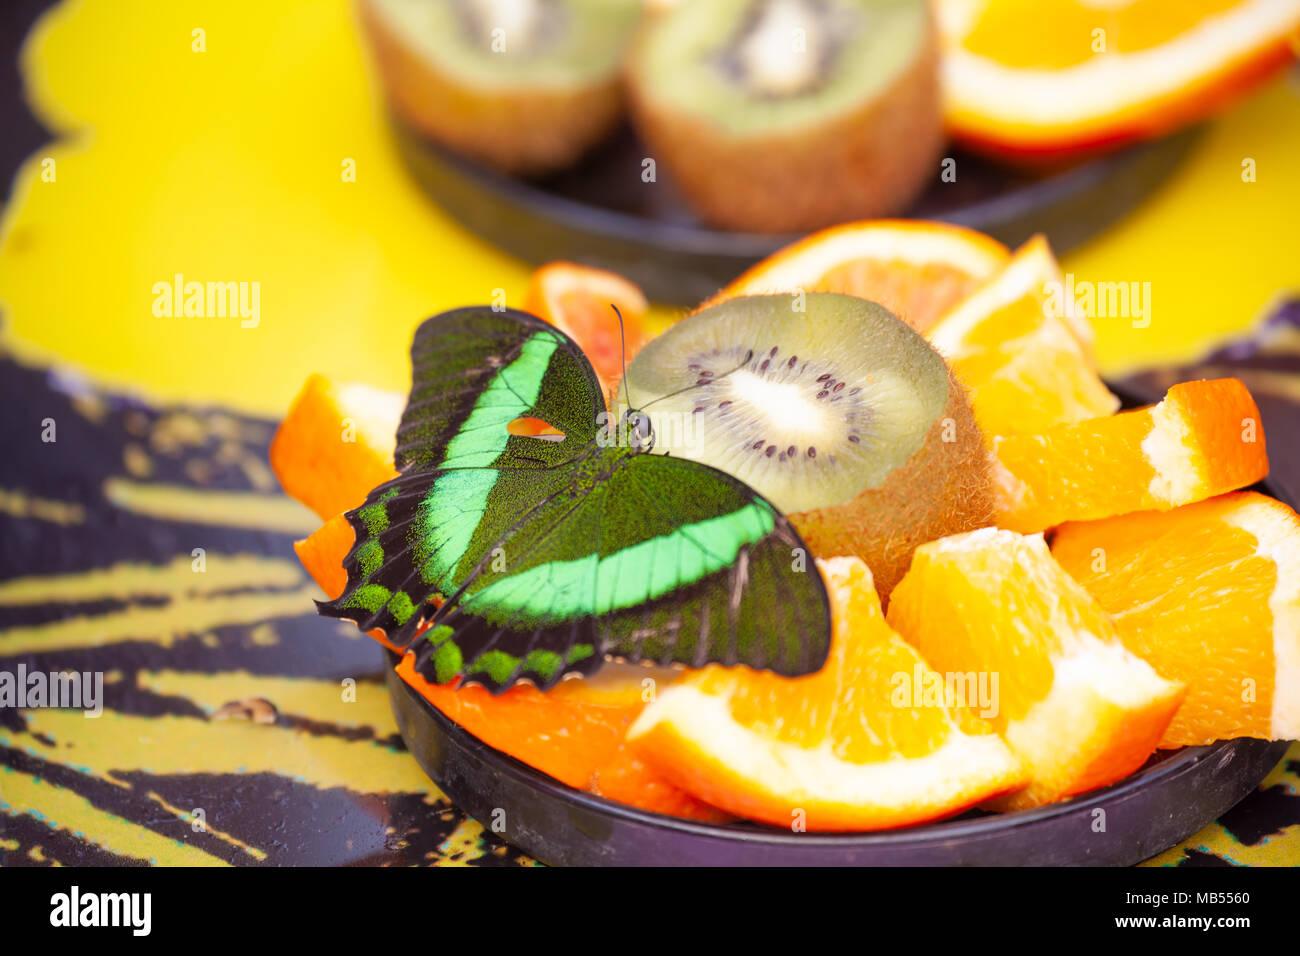 Emerald Schwalbenschwanz Schmetterling (Papilio Palinurus-arten) schmecken frische Früchte Stockbild